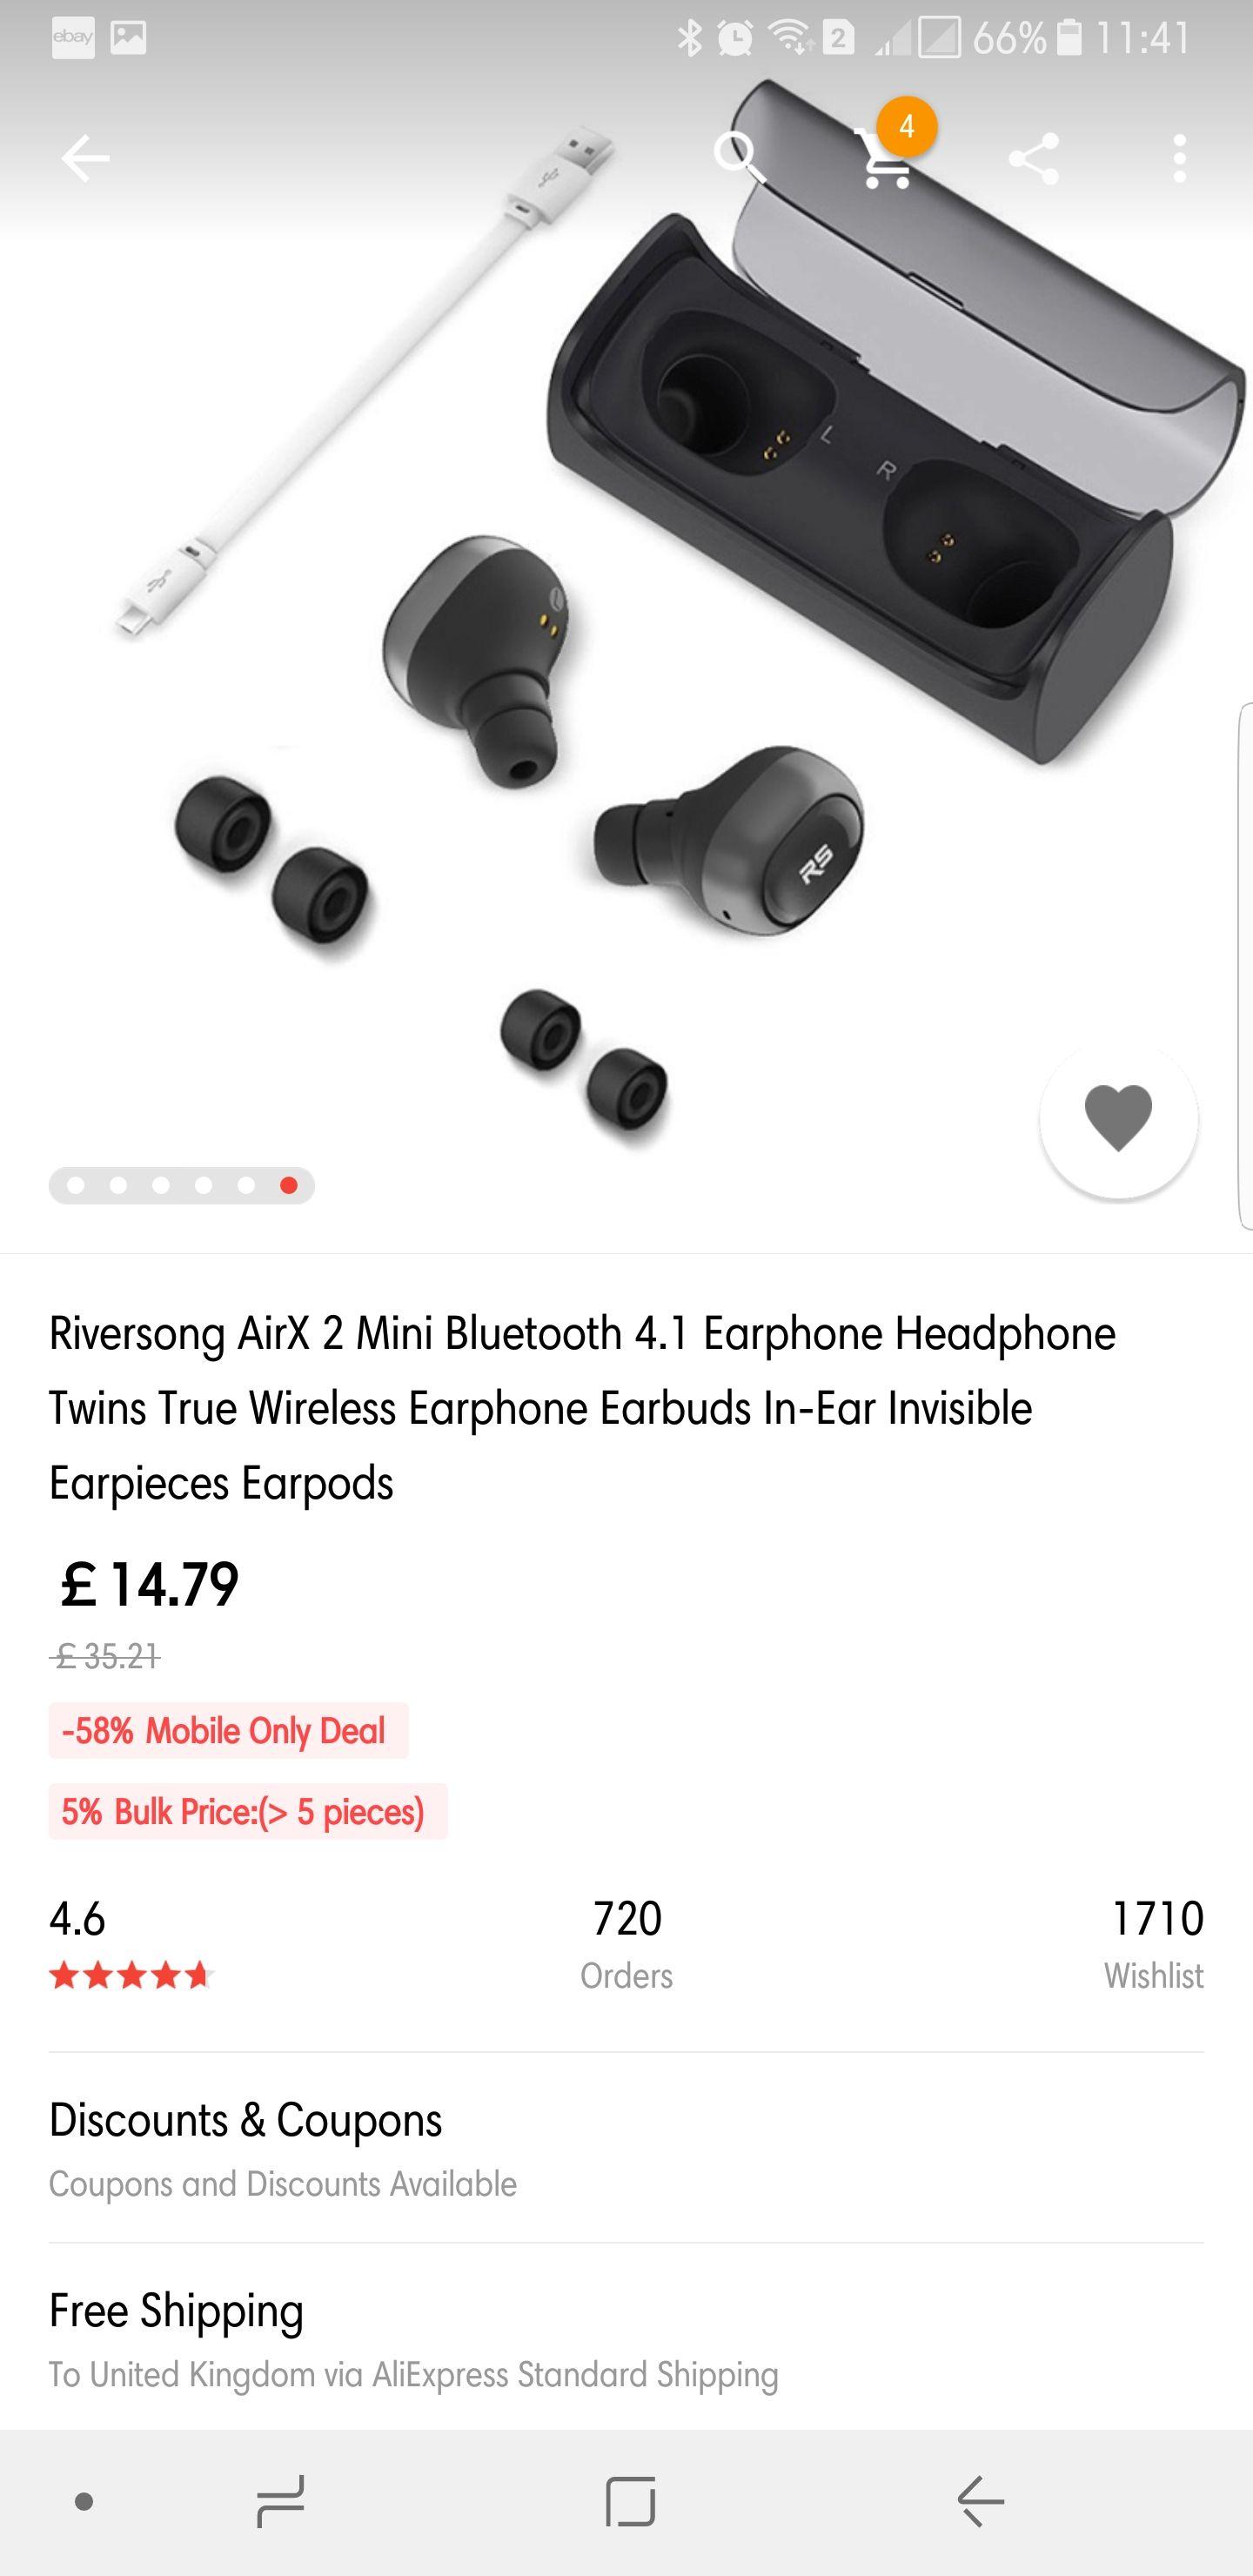 Riversong AirX 2 Mini Bluetooth 4.1 Earphone Headphone Twins True Wireless Earphone Earbuds In-Ear Invisible Earpieces Earpods £14.79 aliexpress